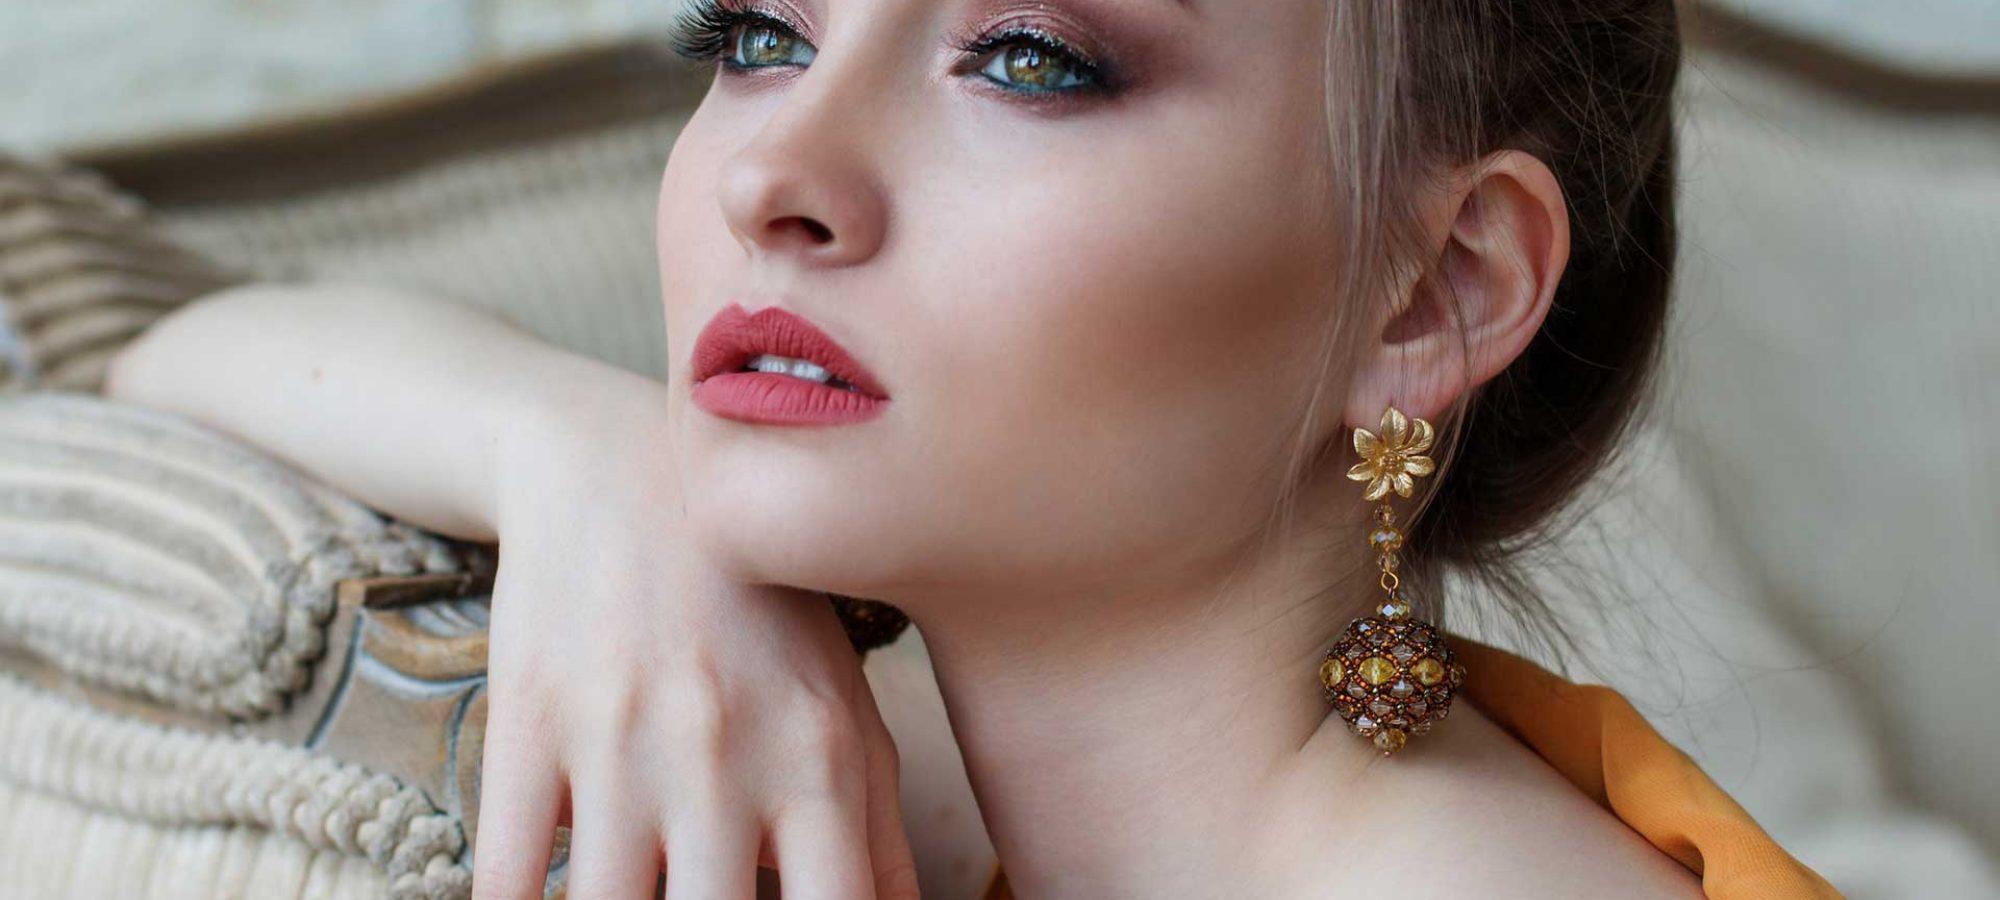 fashion-model-green-eyed